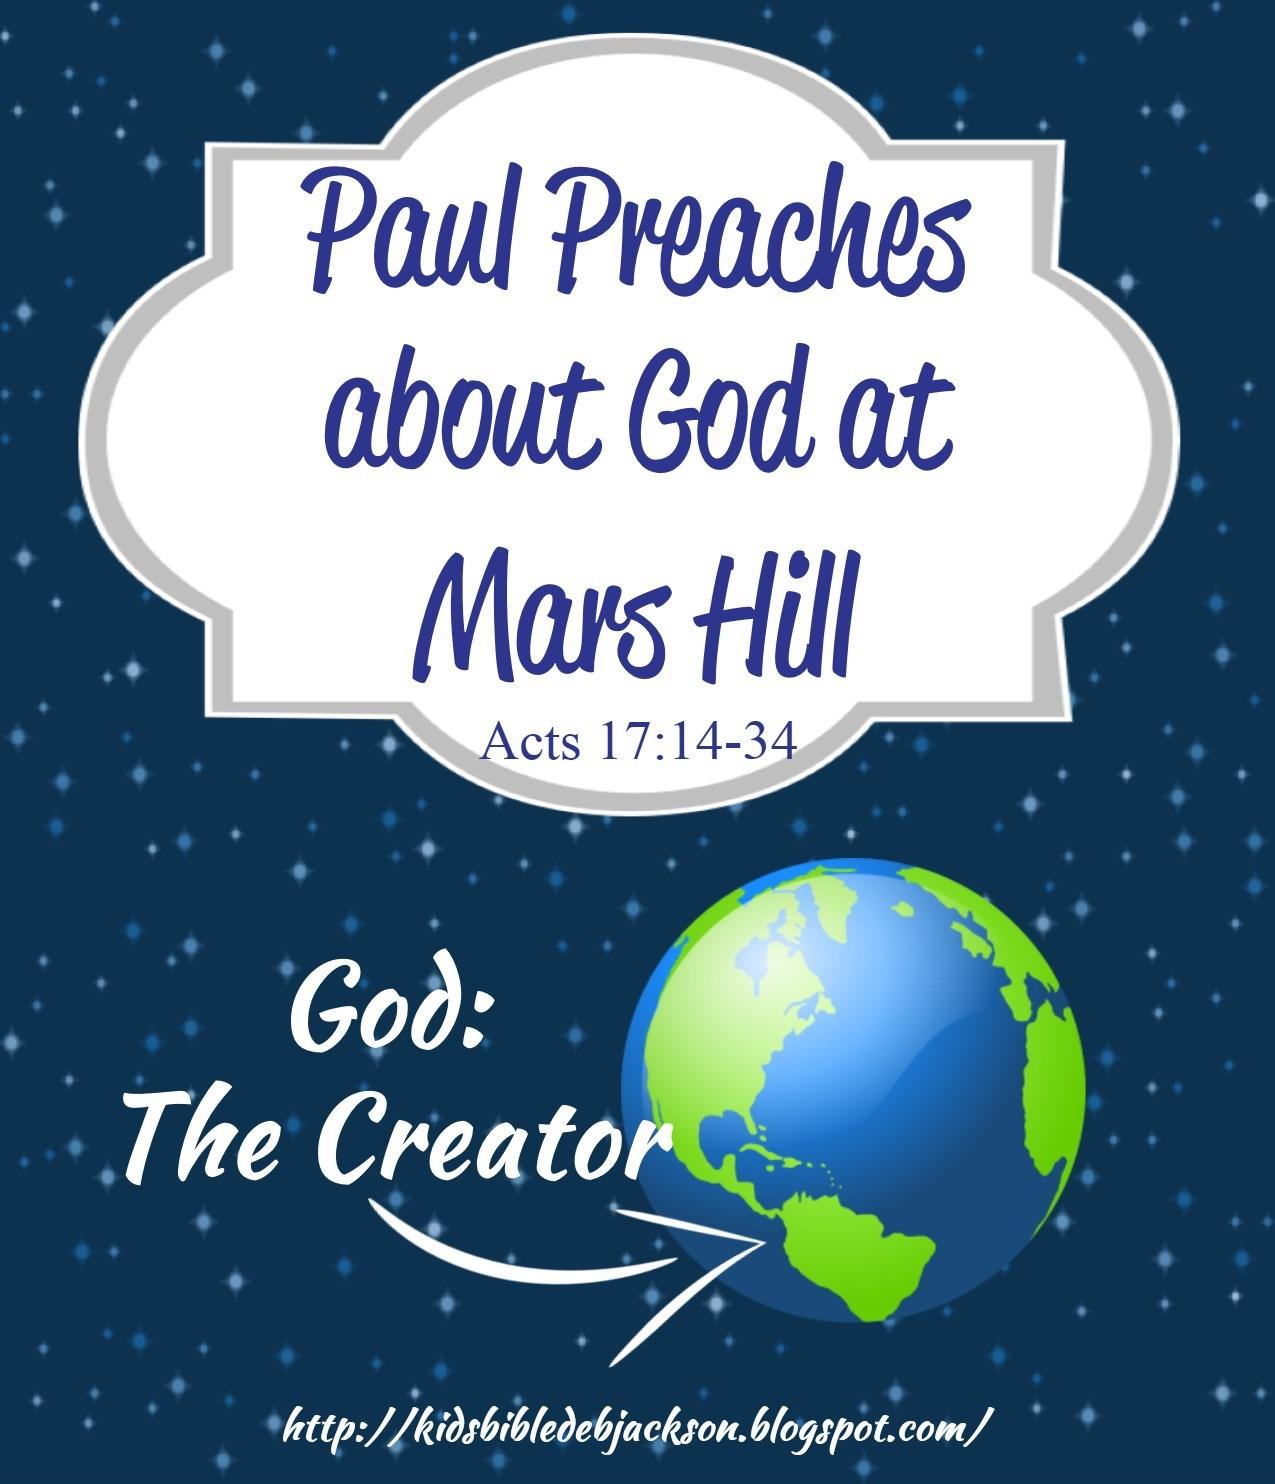 http://kidsbibledebjackson.blogspot.com/2015/03/paul-preaches-about-god-at-mars-hill.html